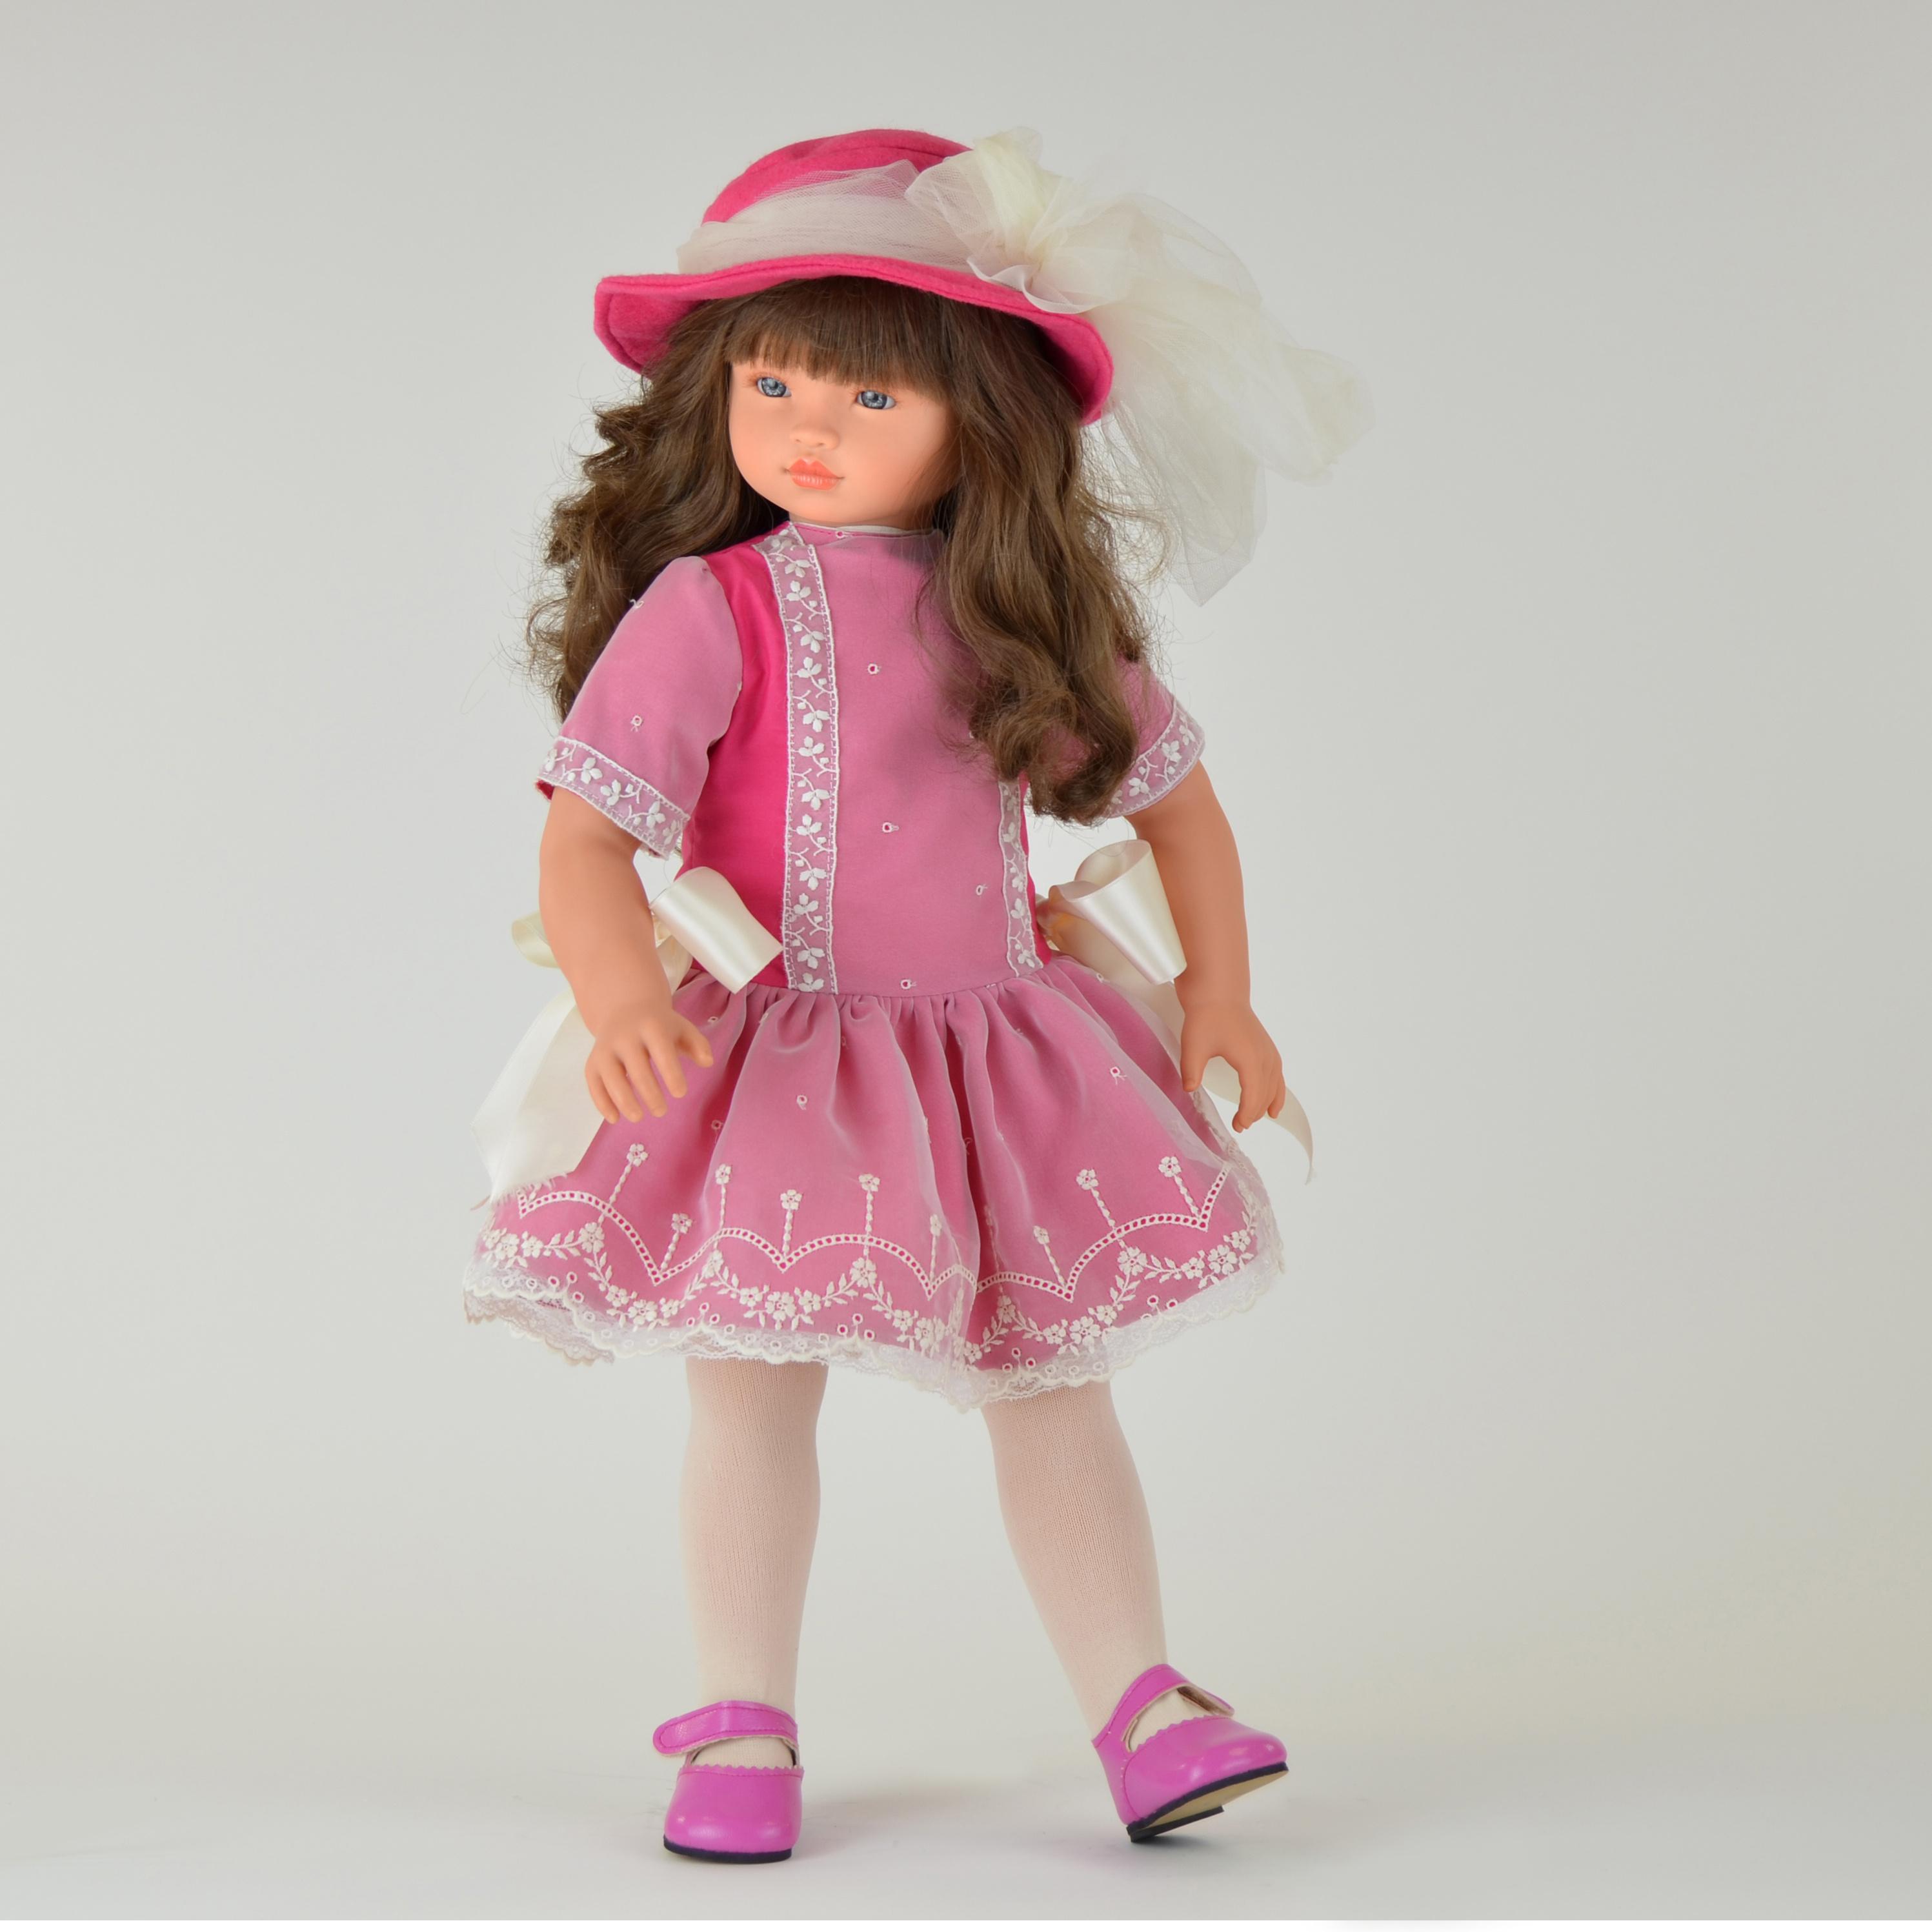 Кукла Эли в розовом платье, 60 см.Куклы ASI (Испания)<br>Кукла Эли в розовом платье, 60 см.<br>